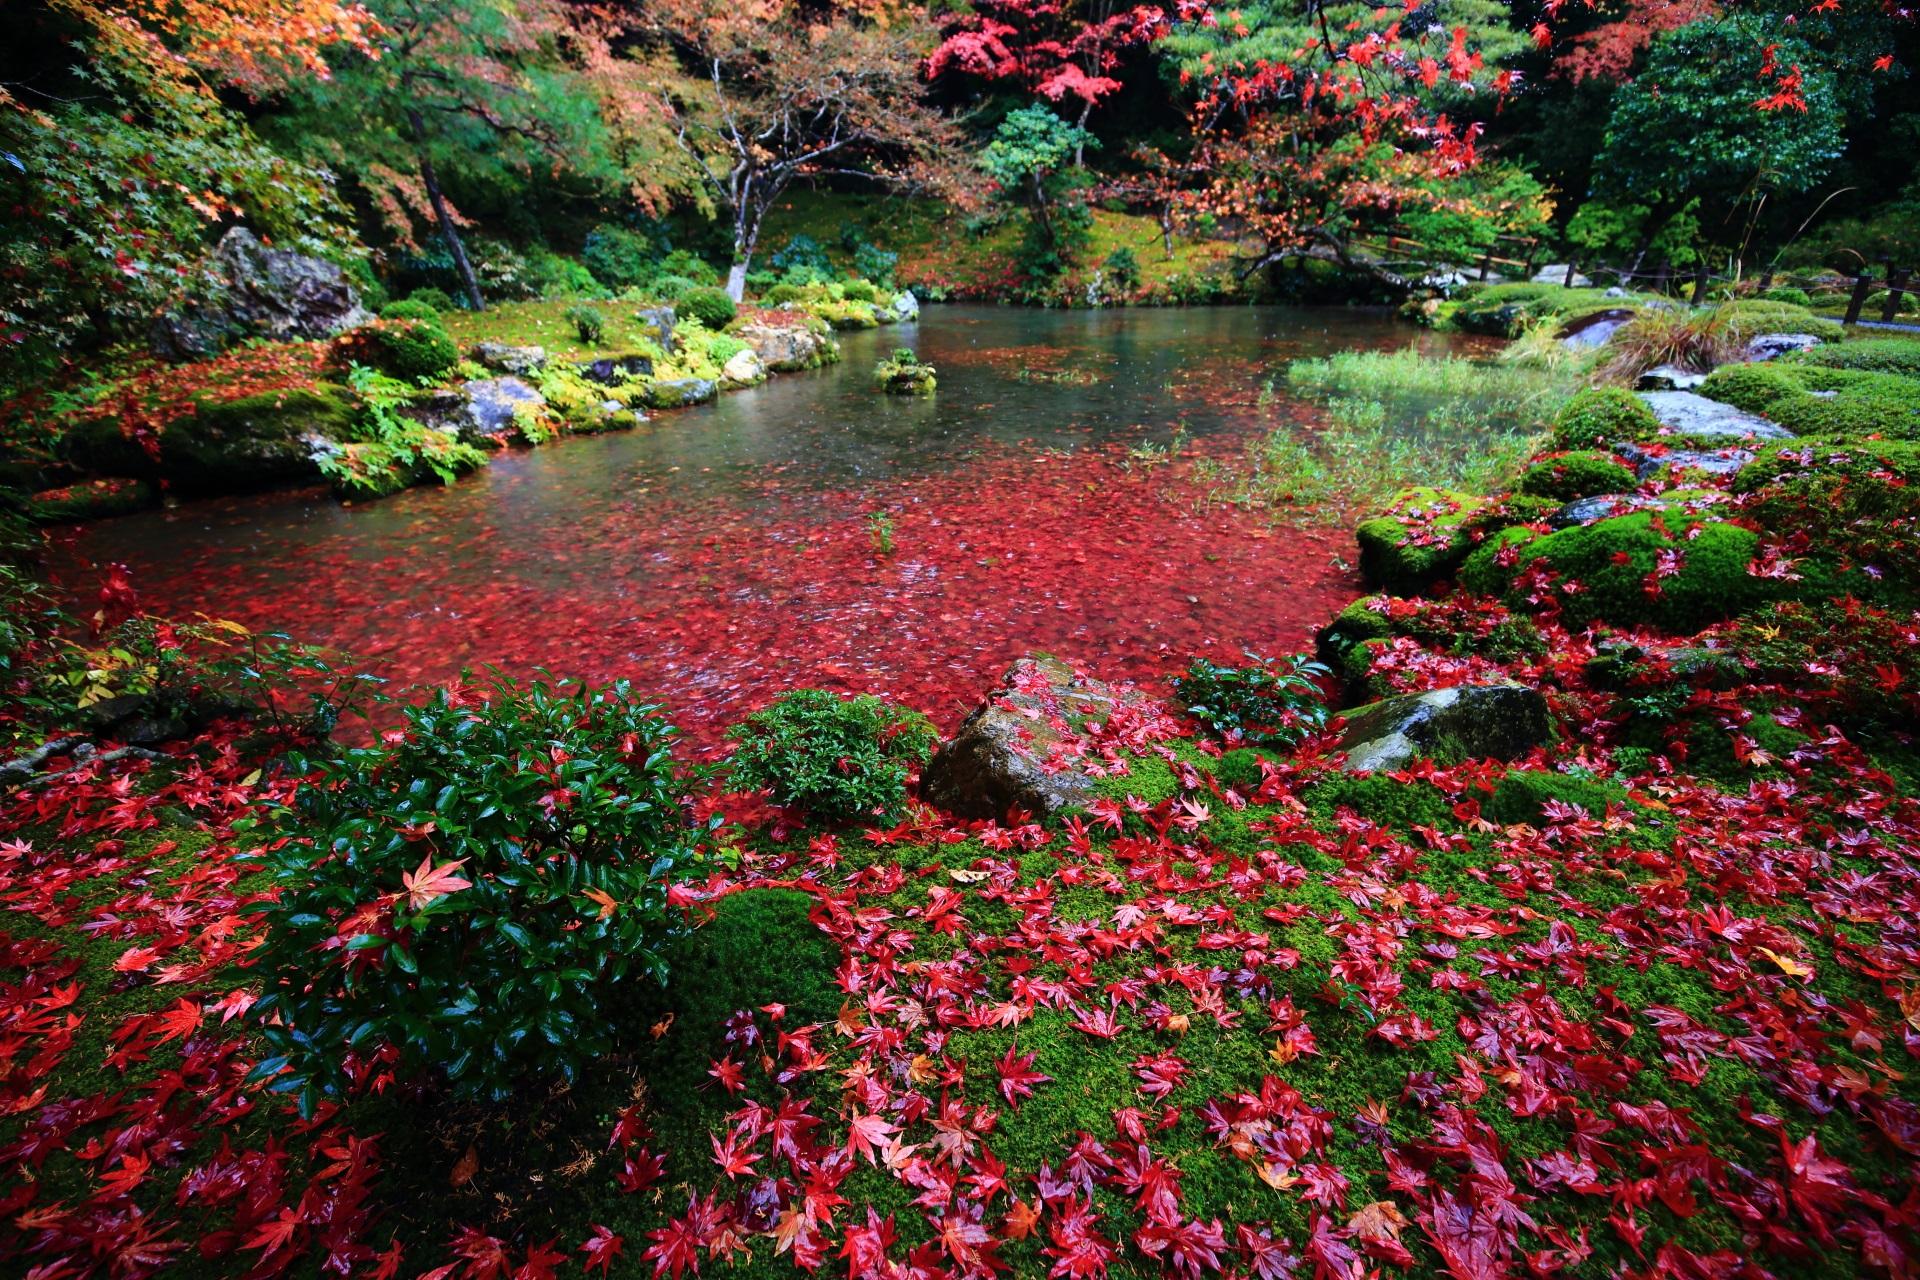 南禅院の素晴らしすぎる紅葉や散りもみじと秋の情景